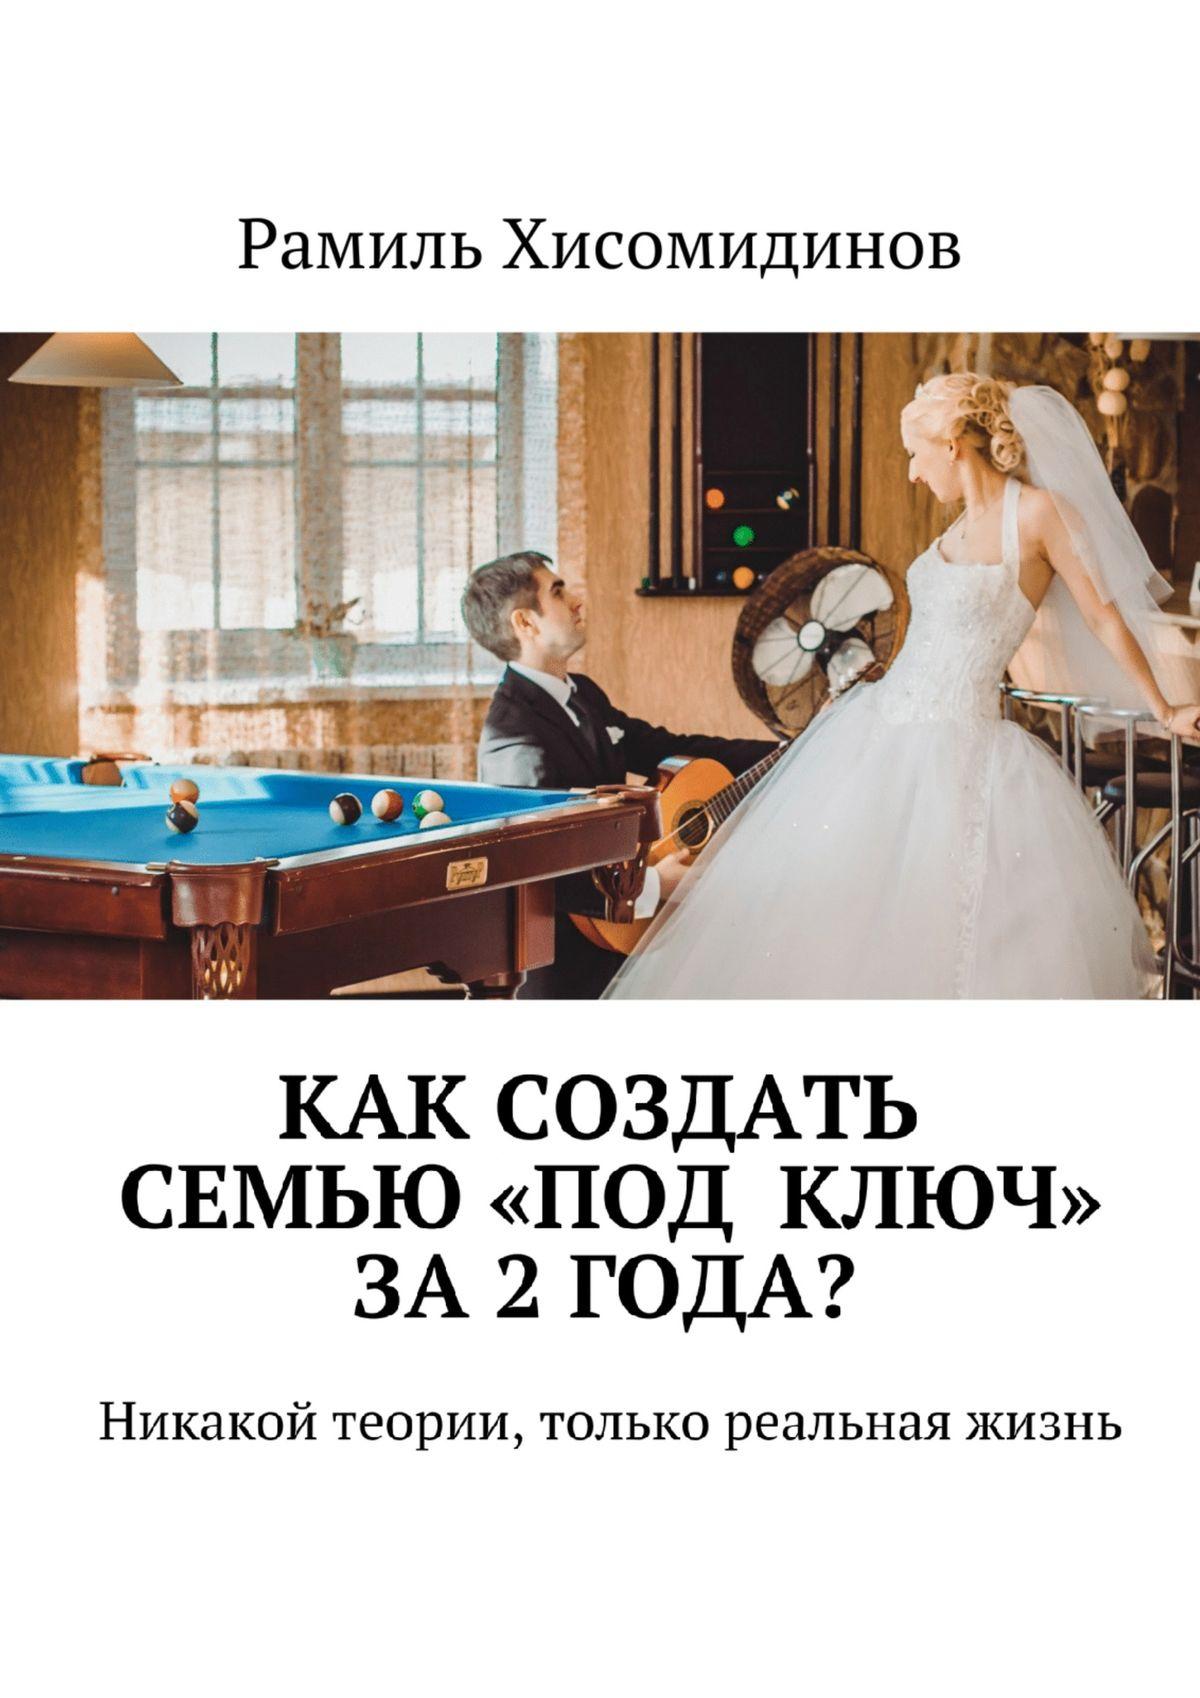 Рамиль Хисомидинов Каксоздать семью«подключ» за2года? Никакой теории, только реальная жизнь жди меня